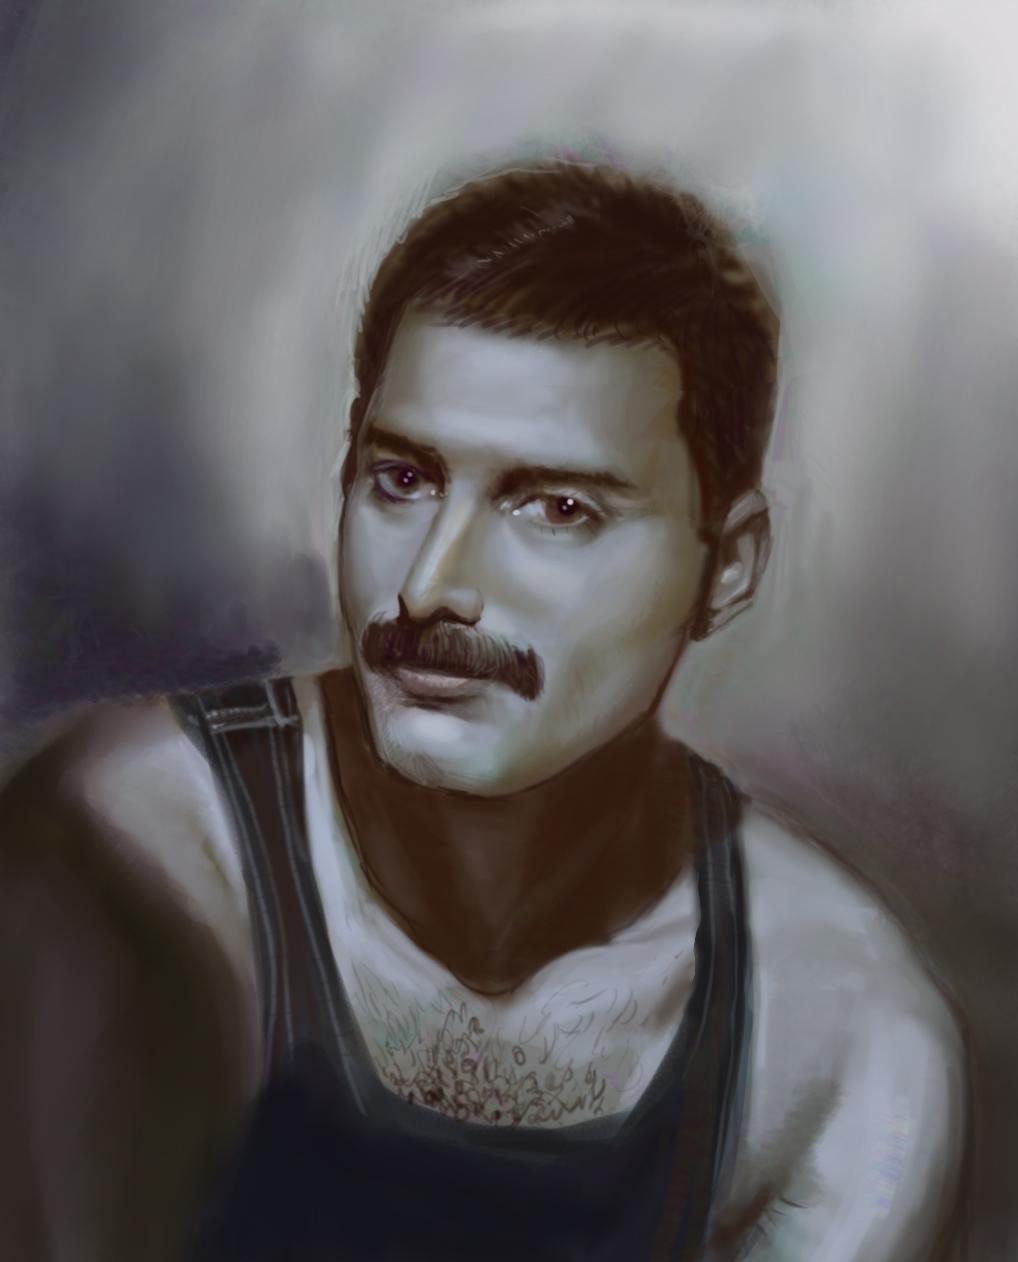 Digital Portrait: Freddie Mercury - A late night sketch after watching the movie: Bohemia Rhapsody.